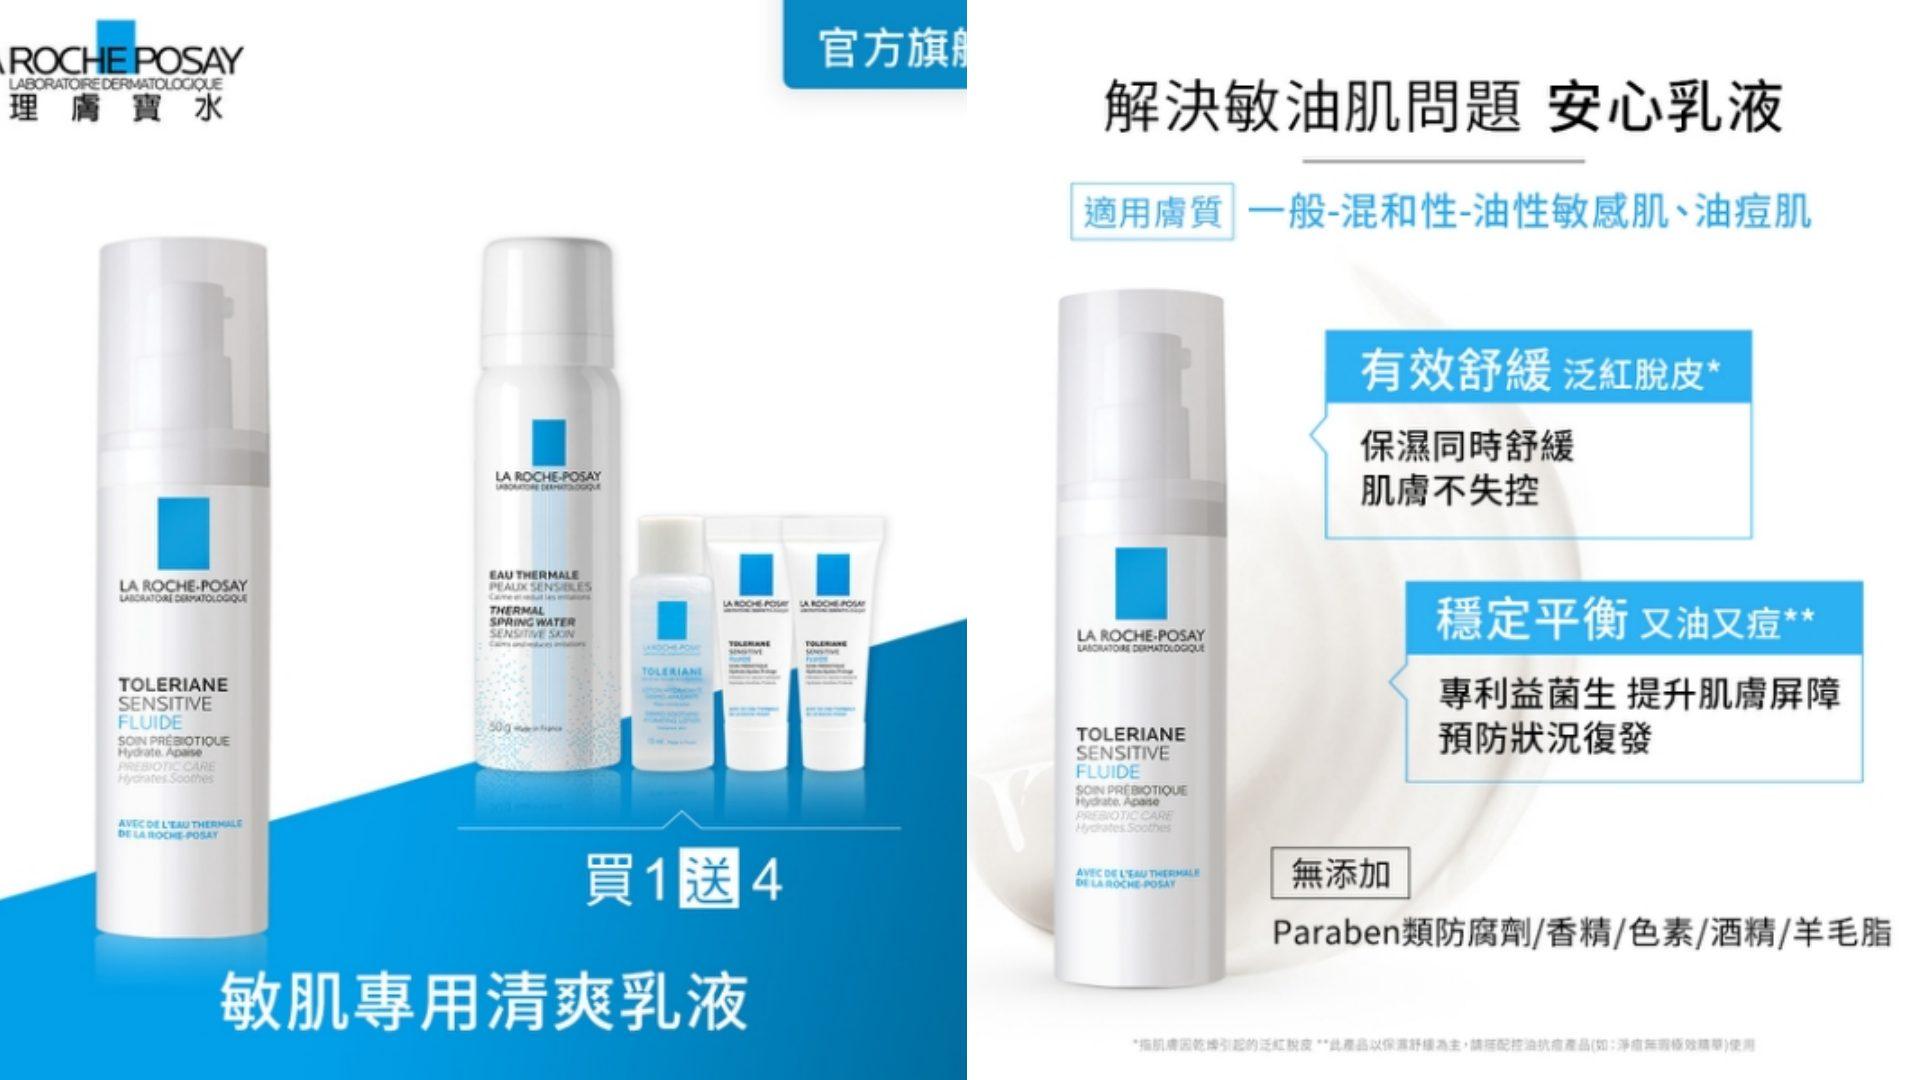 能夠有效舒緩泛紅、脫屑、乾癢等敏感症狀,同時長效保濕,益菌生配方,有效平衡肌膚表及菌種,提升肌膚瓶帳